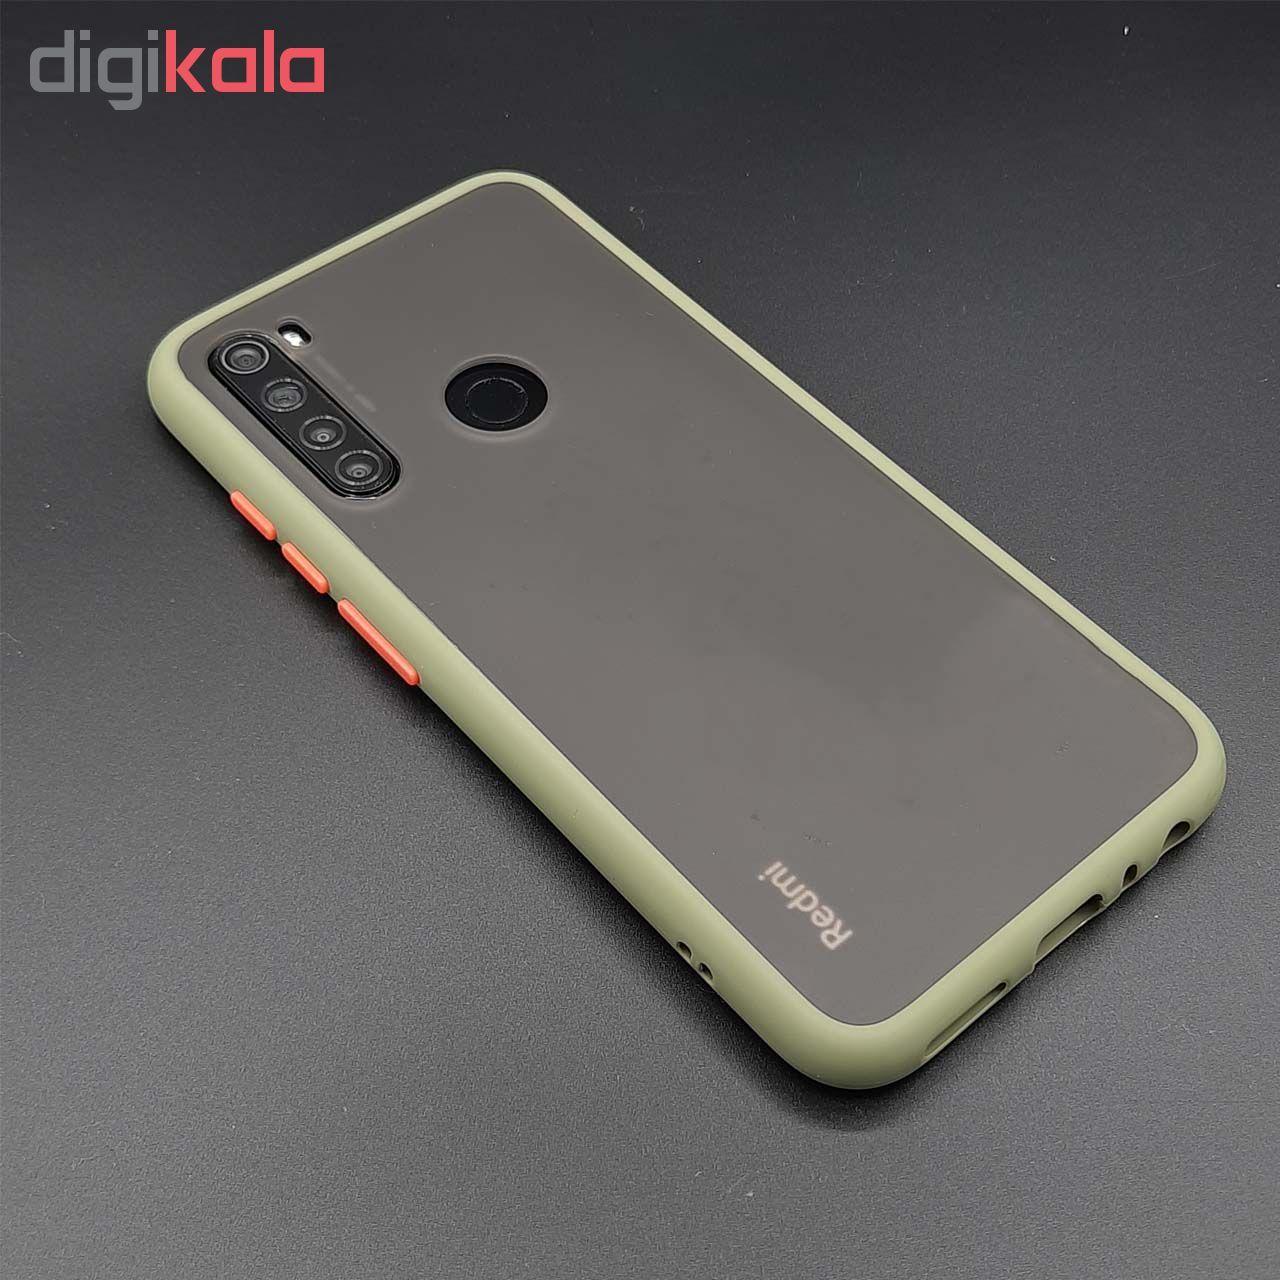 کاور کینگ پاور مدل M21 مناسب برای گوشی موبایل شیائومی Redmi Note 8